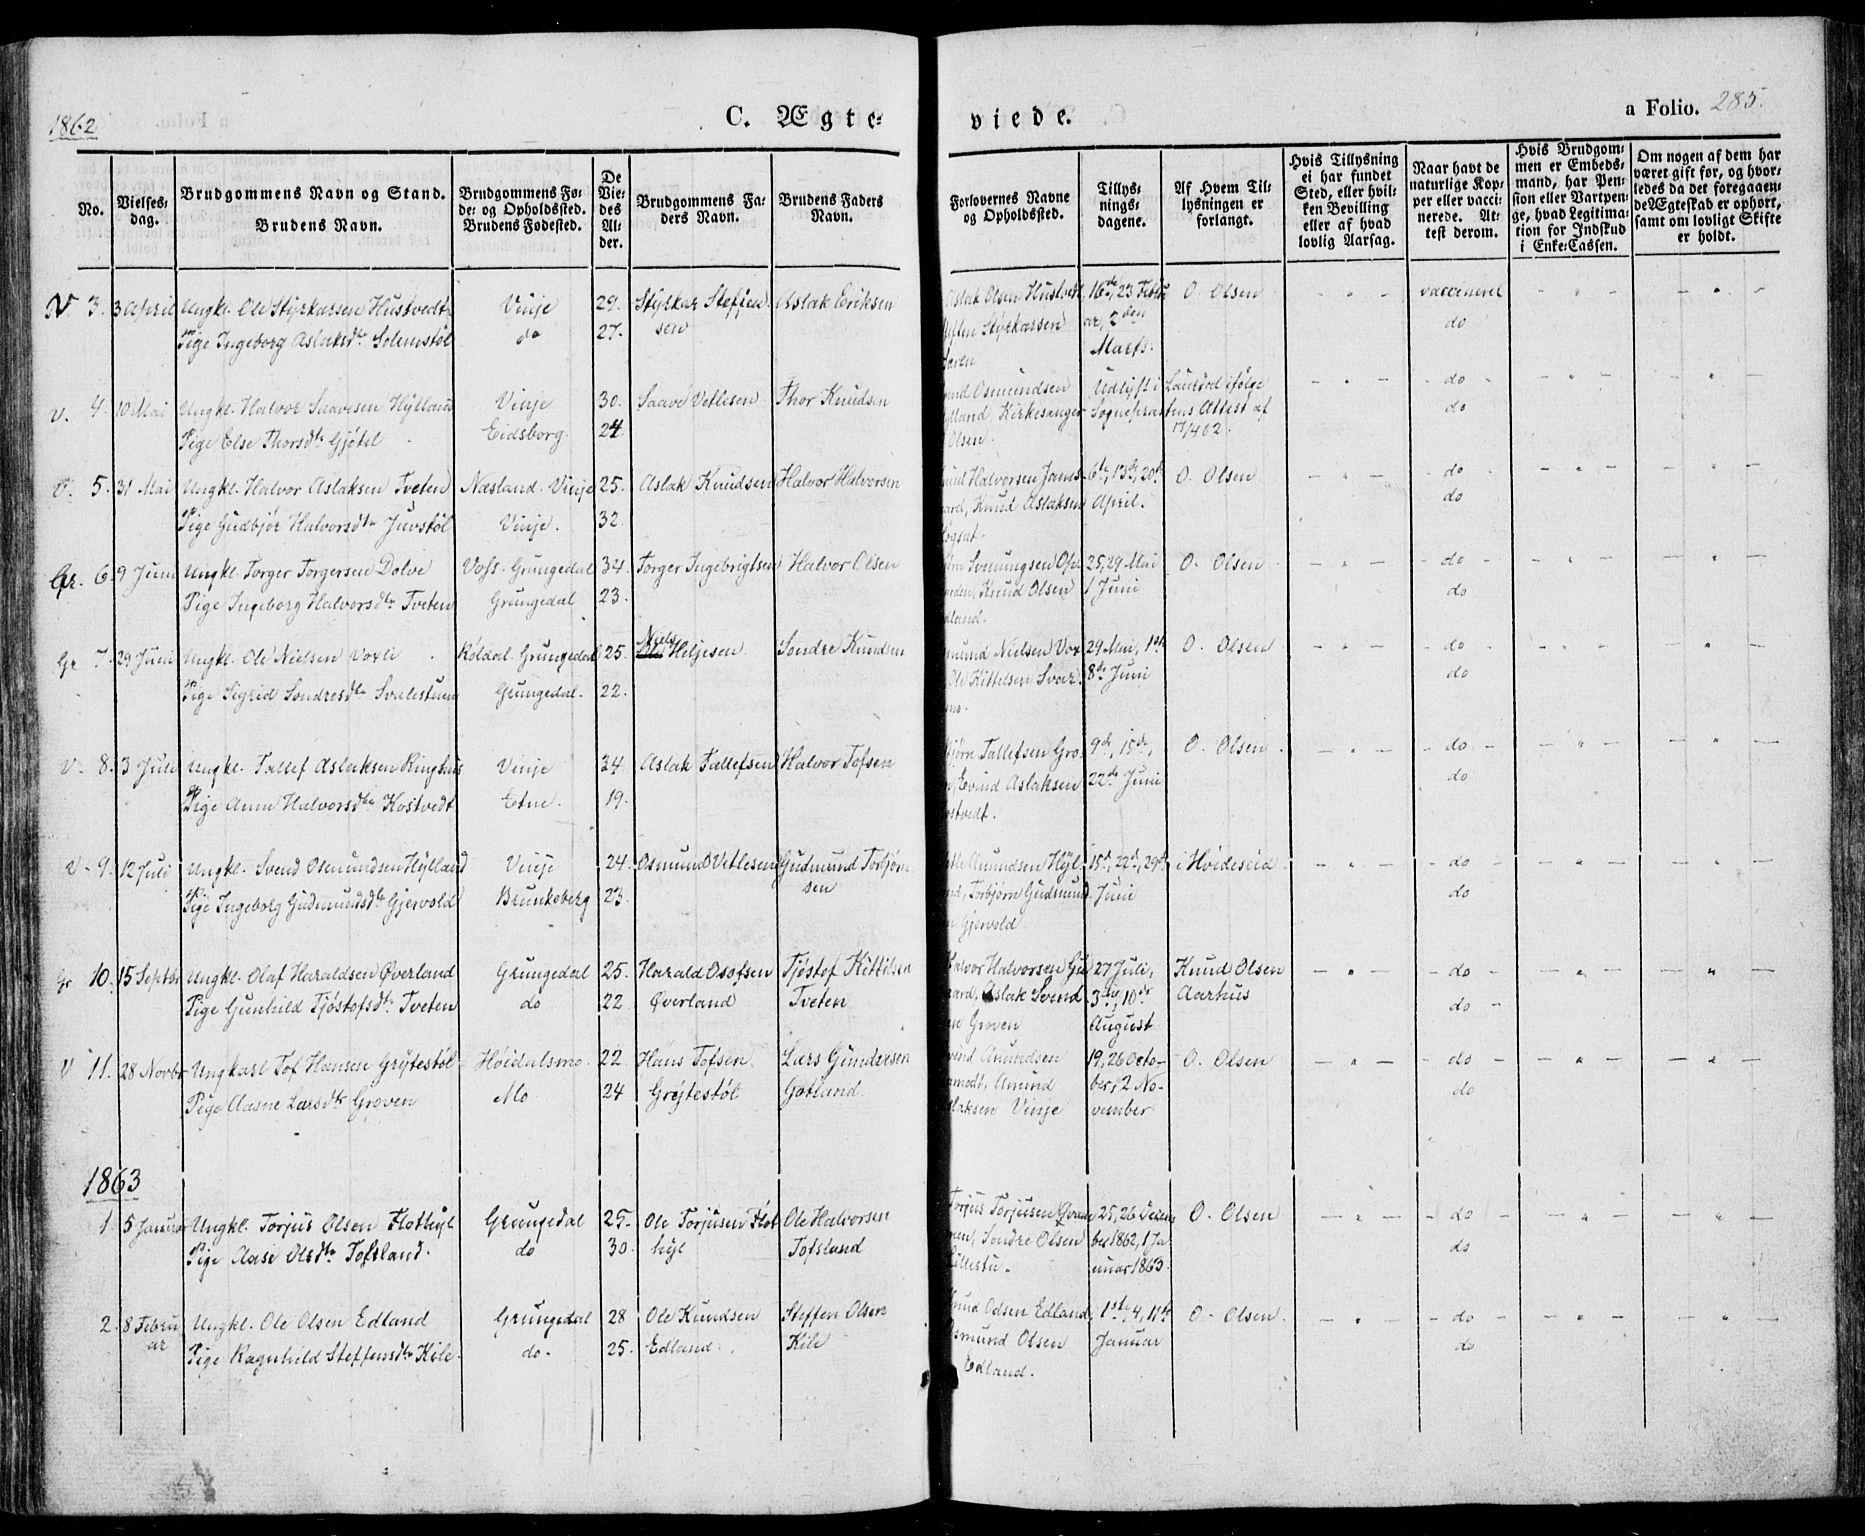 SAKO, Vinje kirkebøker, F/Fa/L0004: Ministerialbok nr. I 4, 1843-1869, s. 285